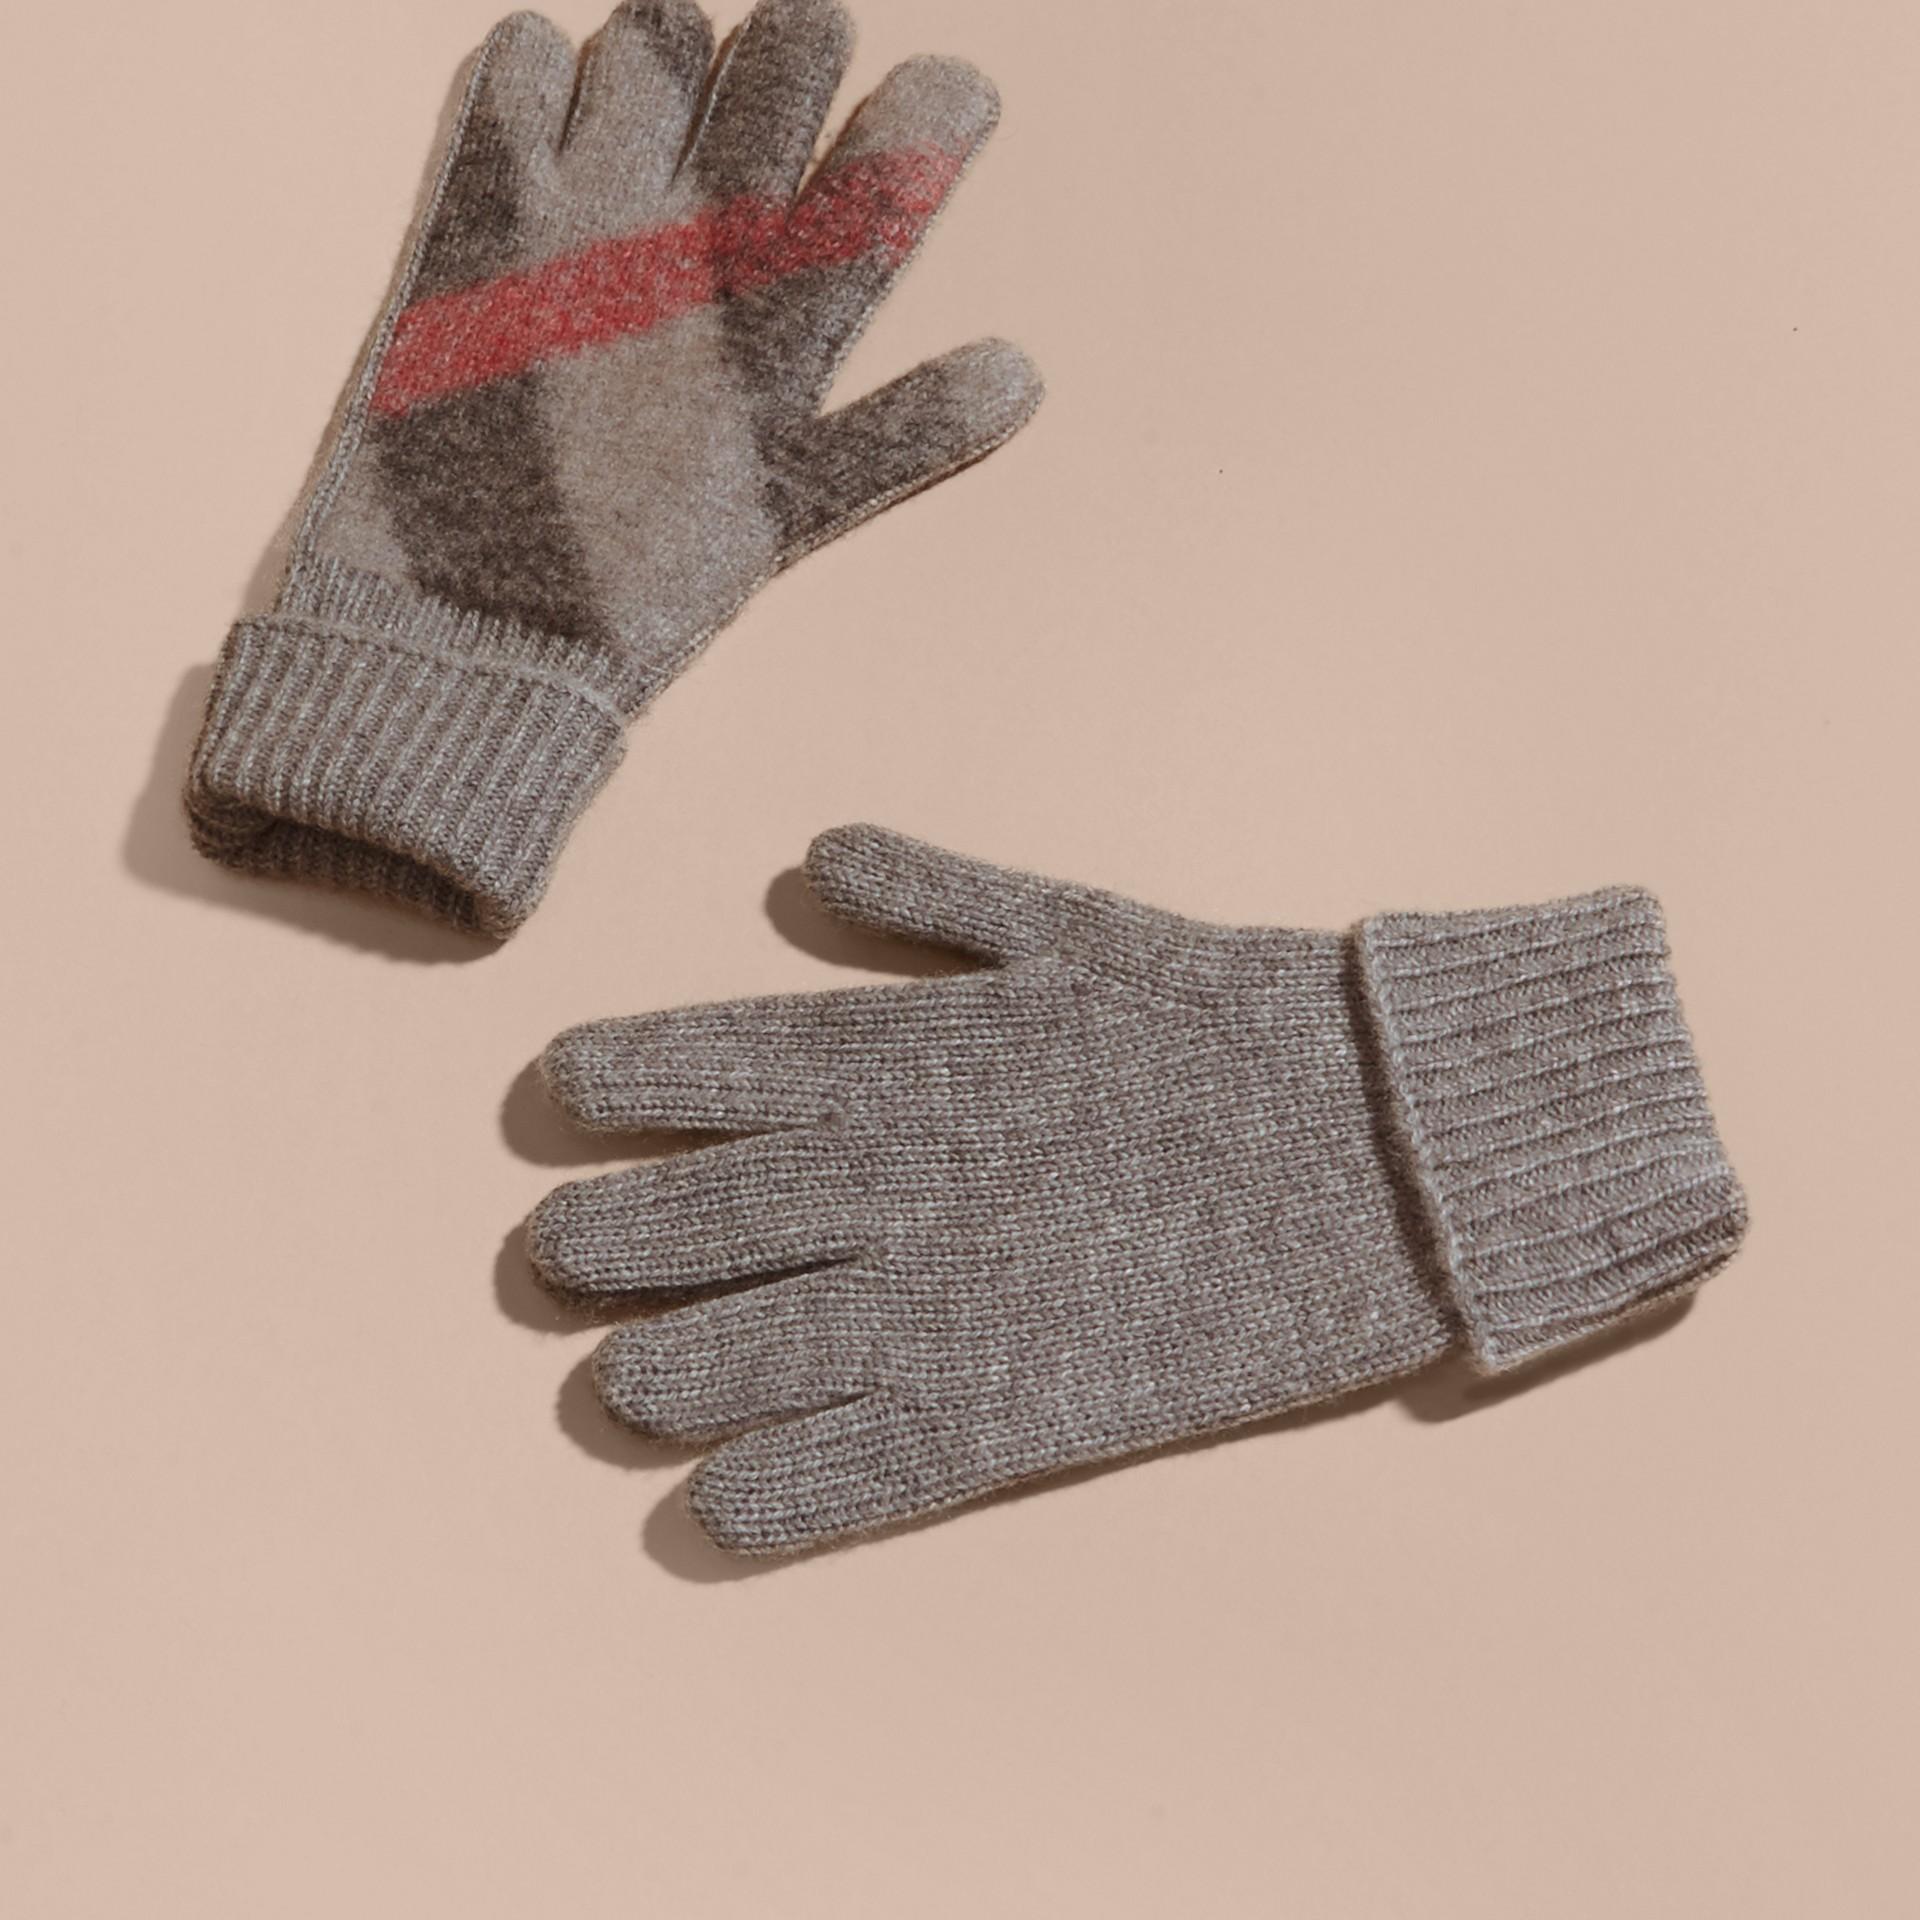 Светло-серый меланж Перчатки из шерсти и кашемира в клетку - изображение 3